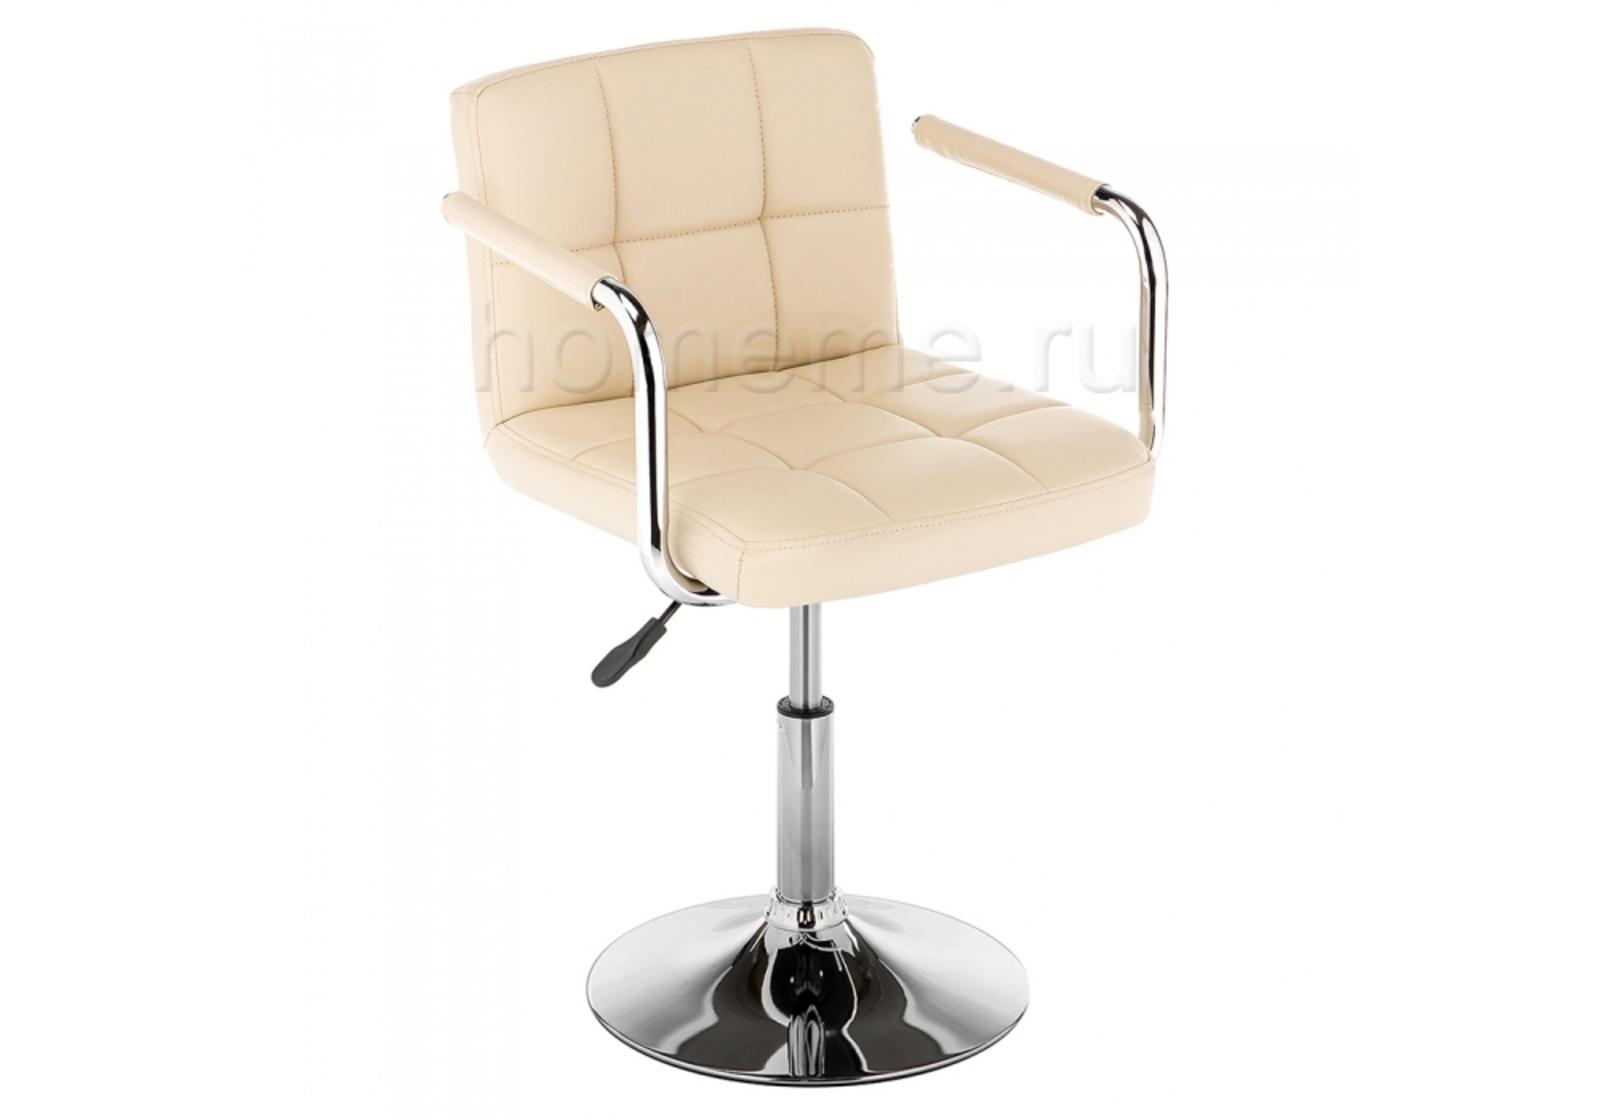 Барный стул Turis бежевый 11174 Turis бежевый 11174 (15044)